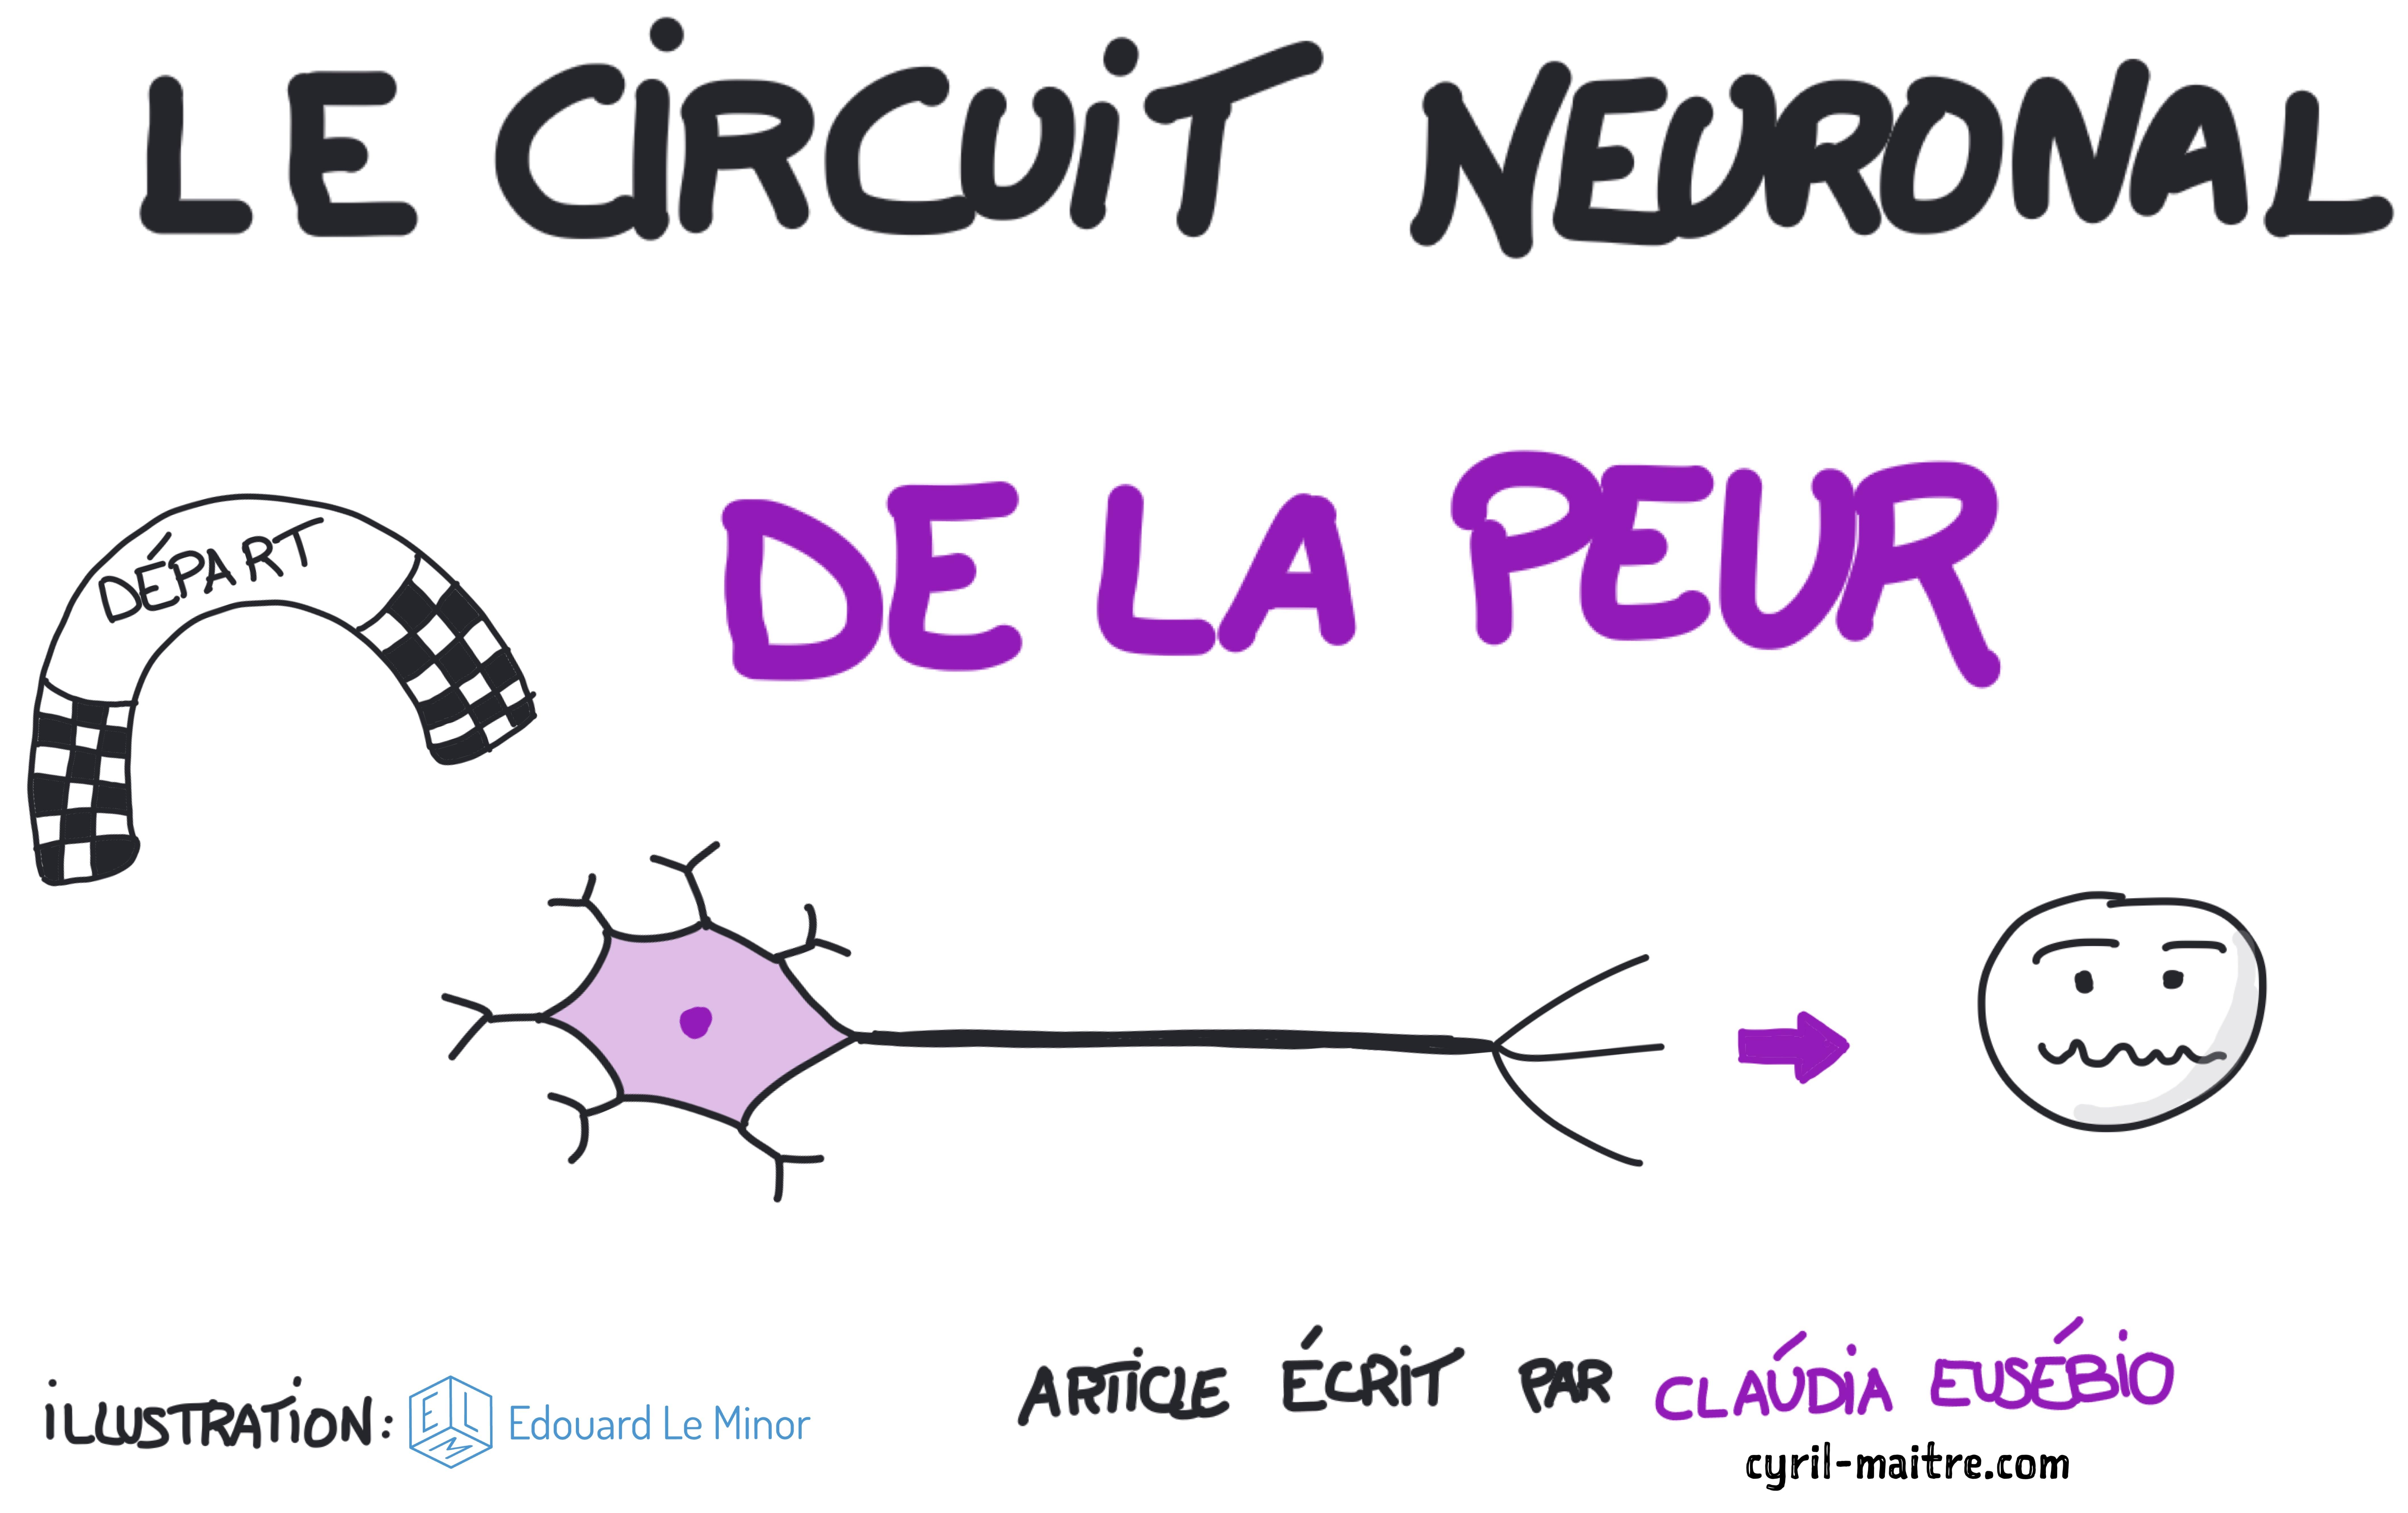 Le circuit neuronal de la peur par Claúdia Eusébio